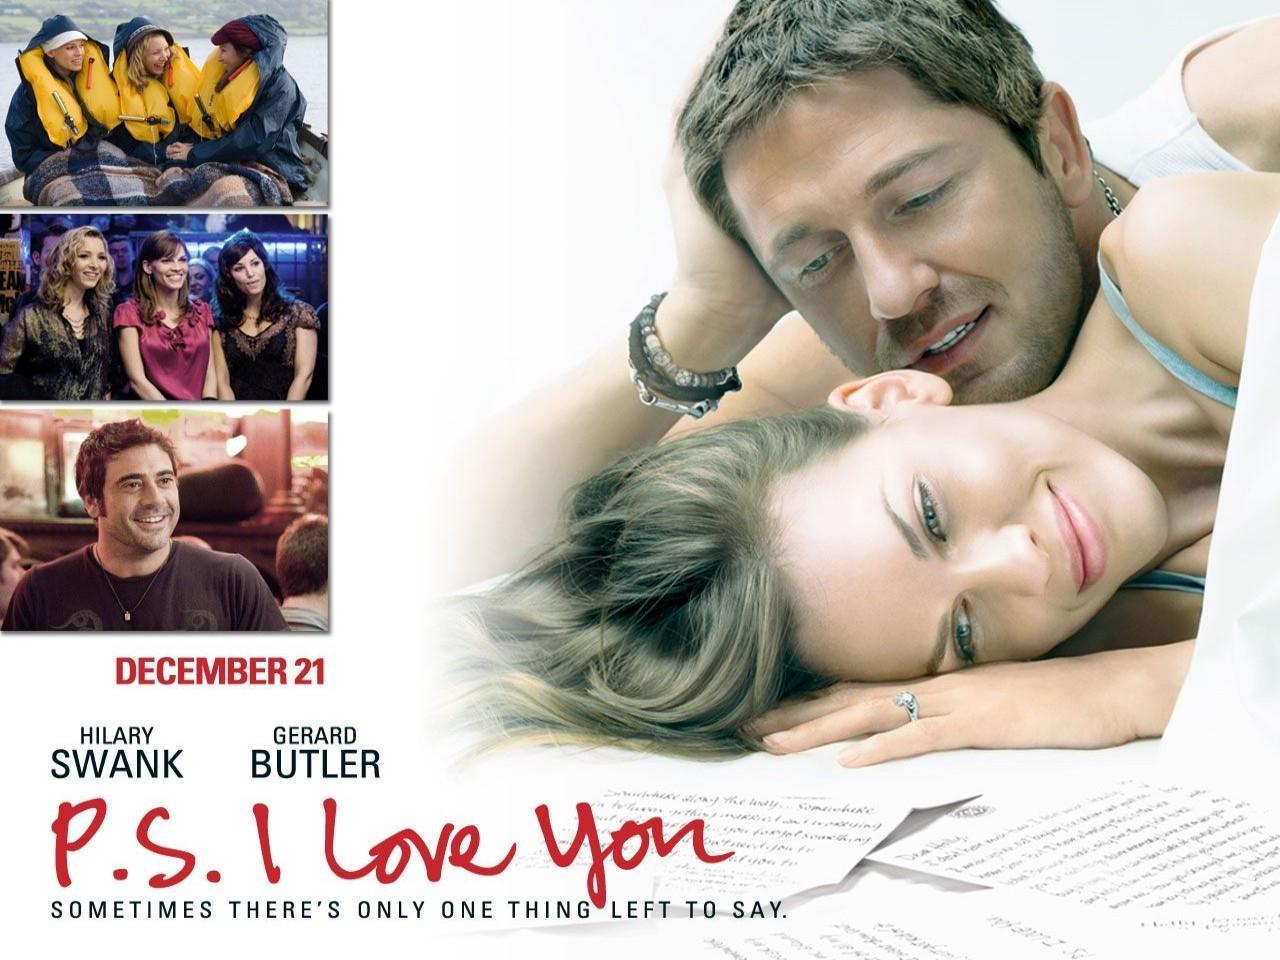 Wallpaper del film P.S. I Love You - Non è mai troppo tardi per dirlo con Butler e la Swank